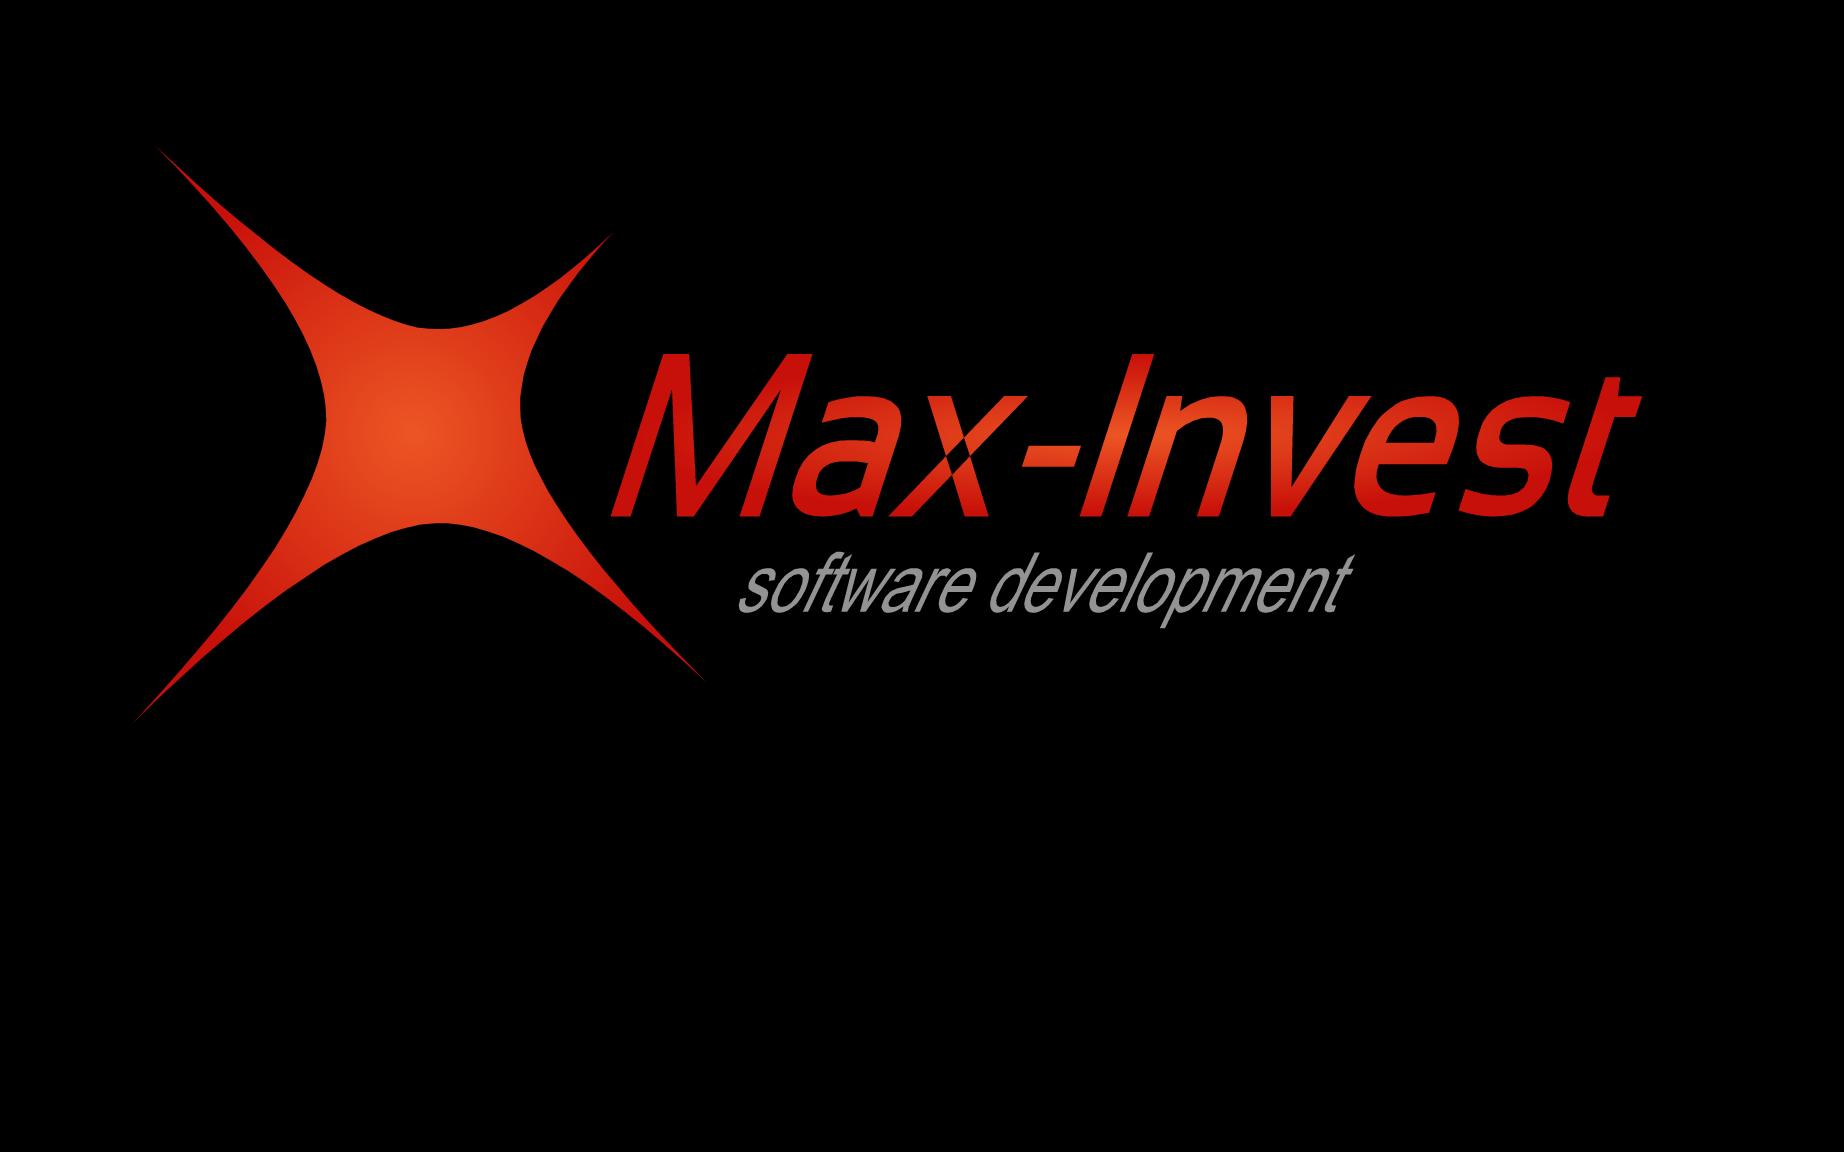 Max-Invest